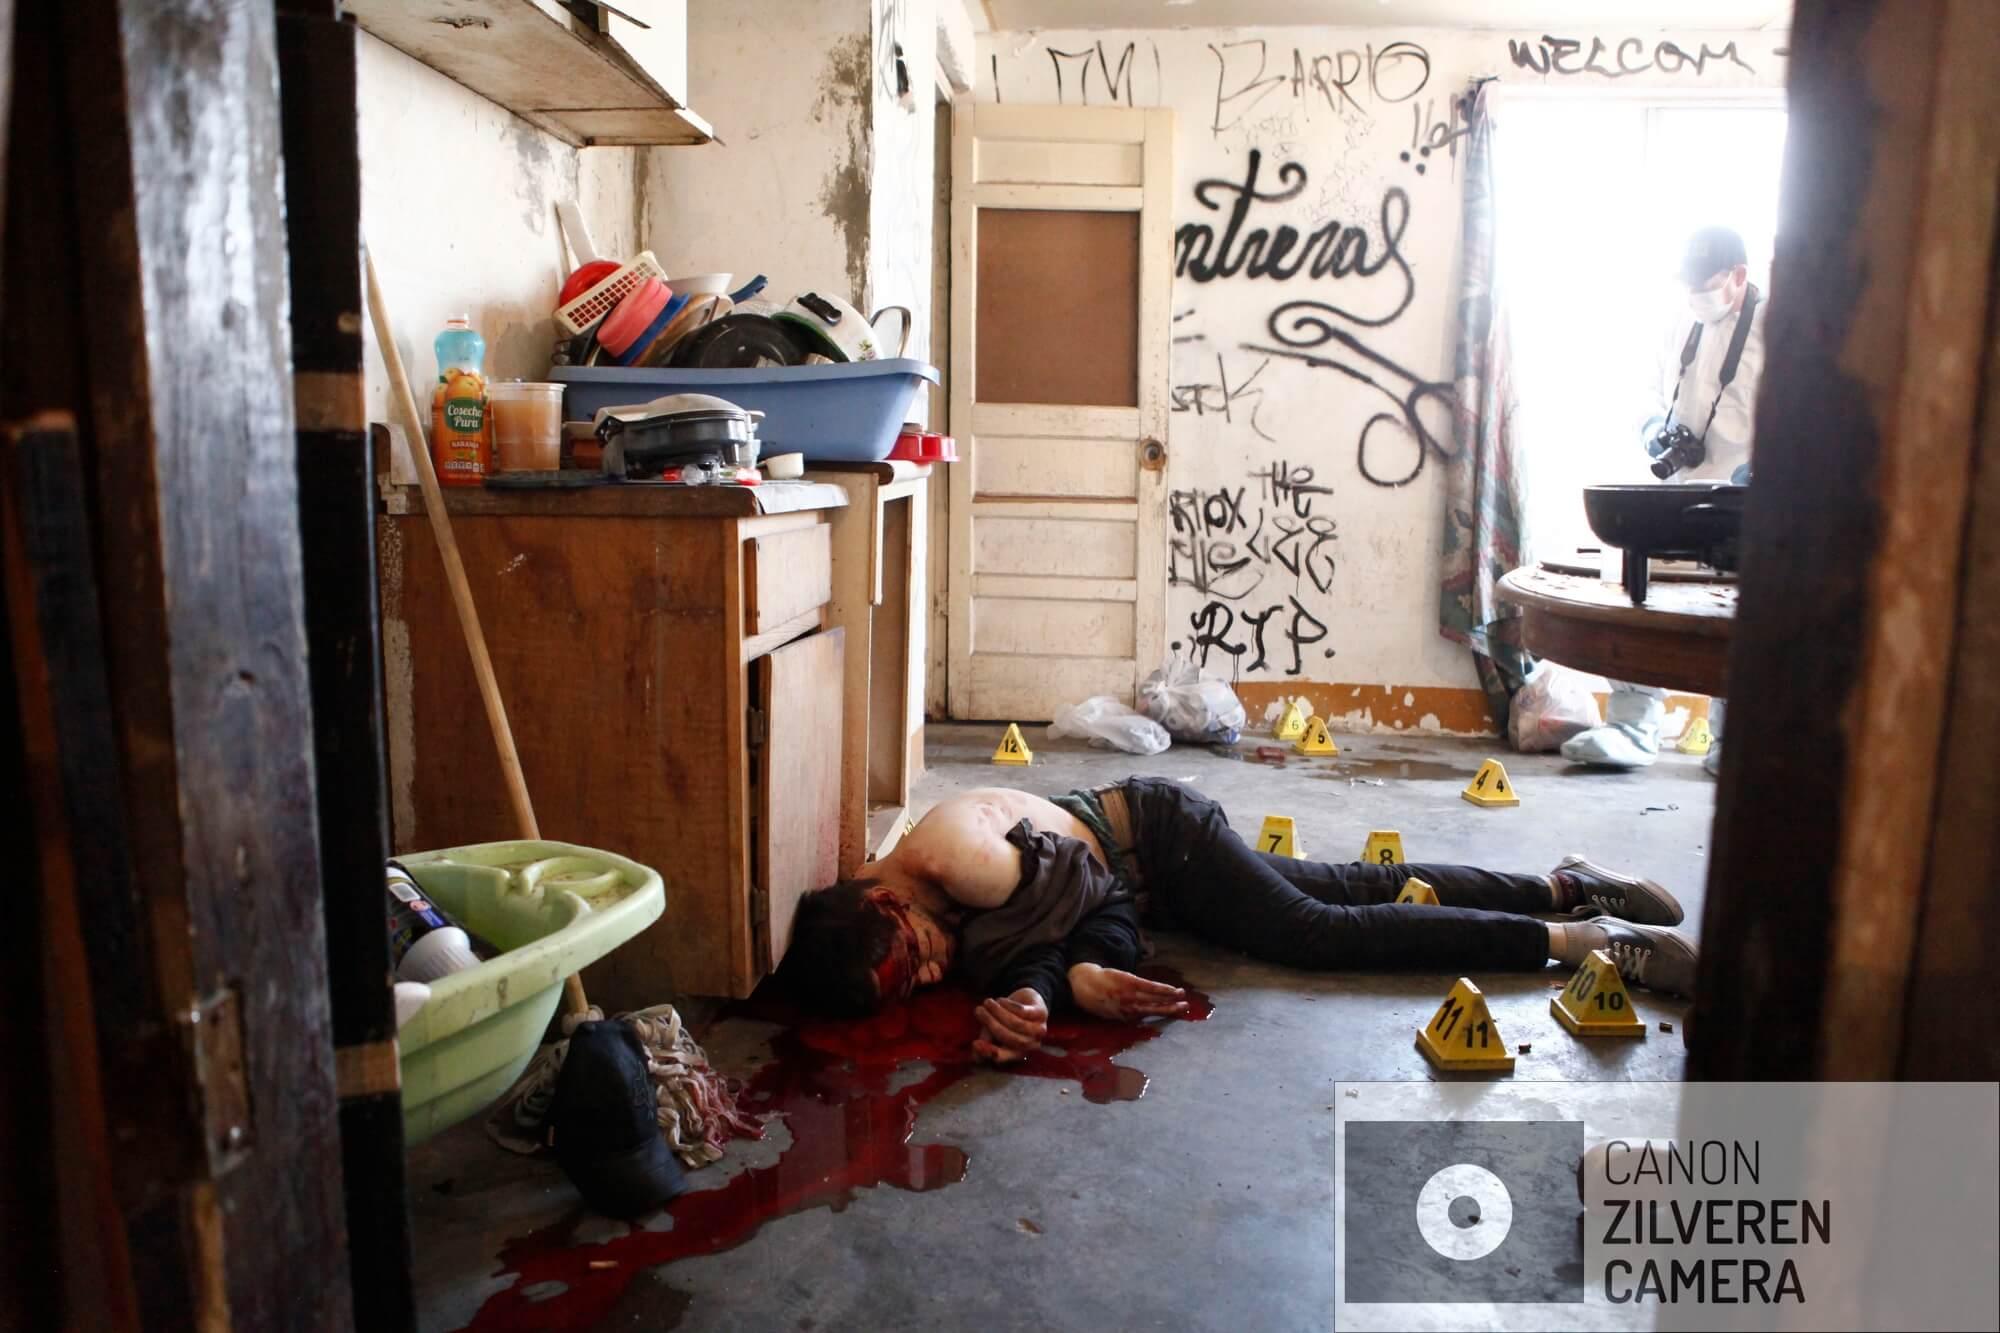 Luis Ángel Rodriguez Contreras (27) werd door drie gemaskerde mannen in zijn huis vermoord in bijzijn van zijn vrouw Lesly. Zowel Luis als Lesly waren verslaafd aan crystal meth. Hij was pas een paar dagen uit de gevangenis en wilde zijn leven beteren.